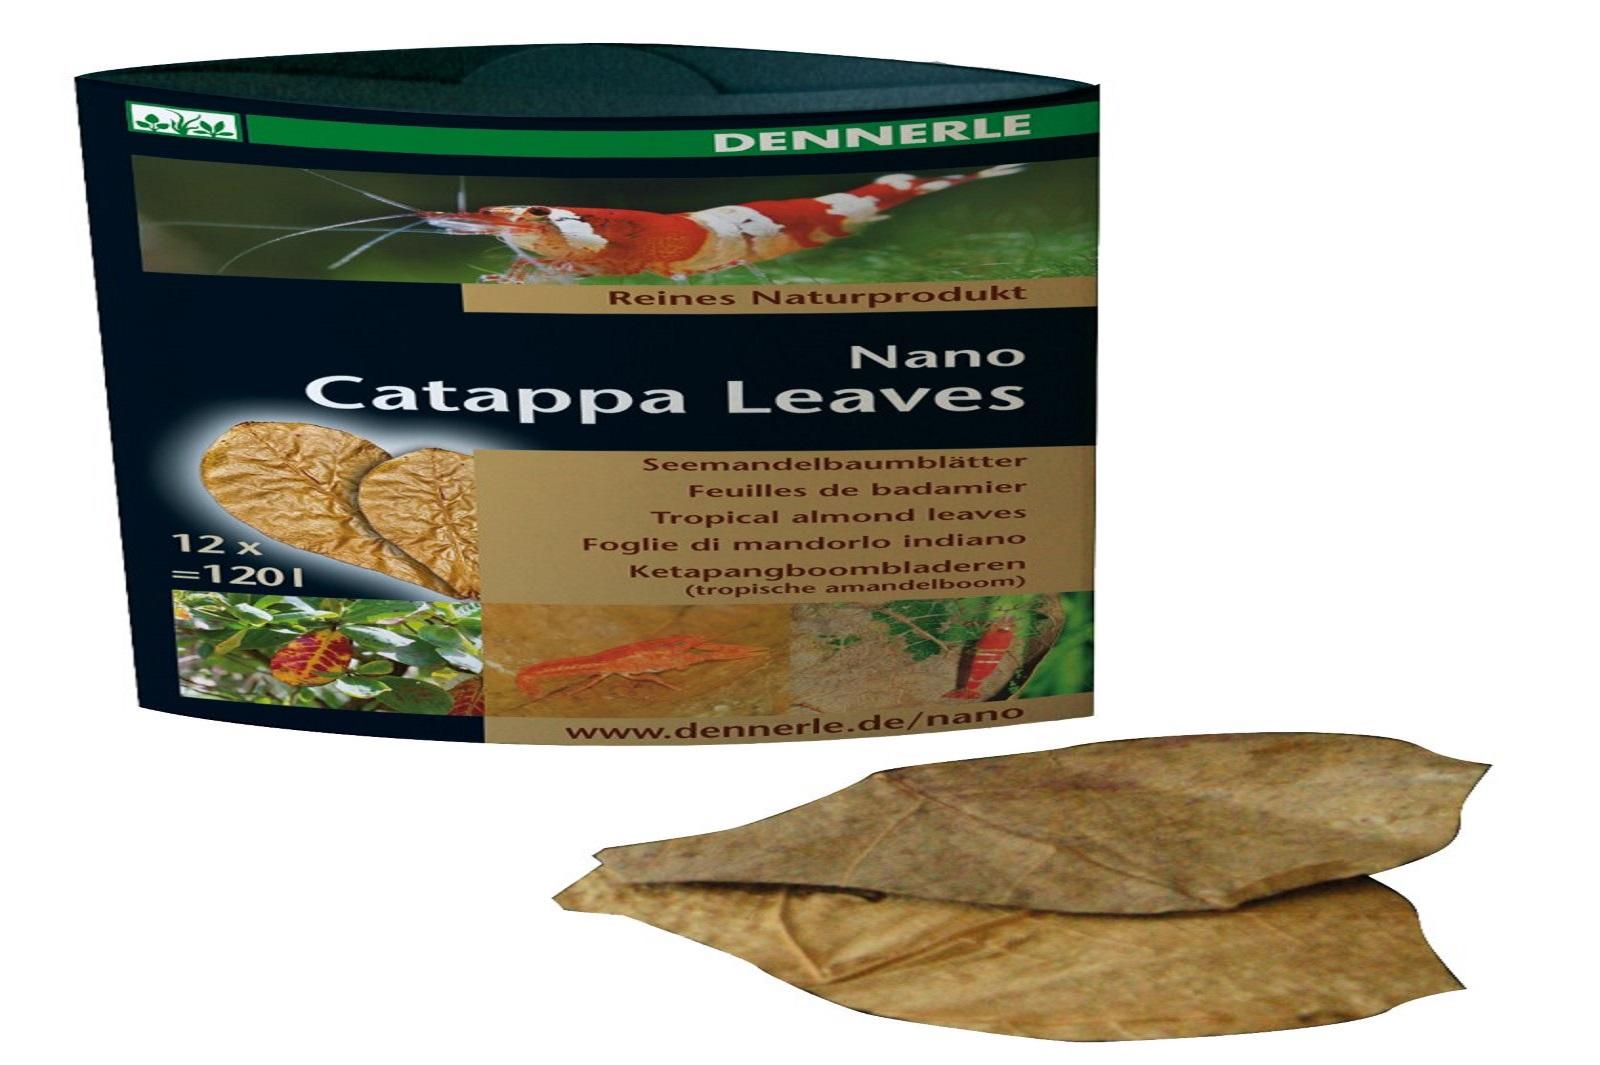 Dennerle Catappa Leaves Wasserpflege und Nahrungsergänzung für Garnelen Krebse